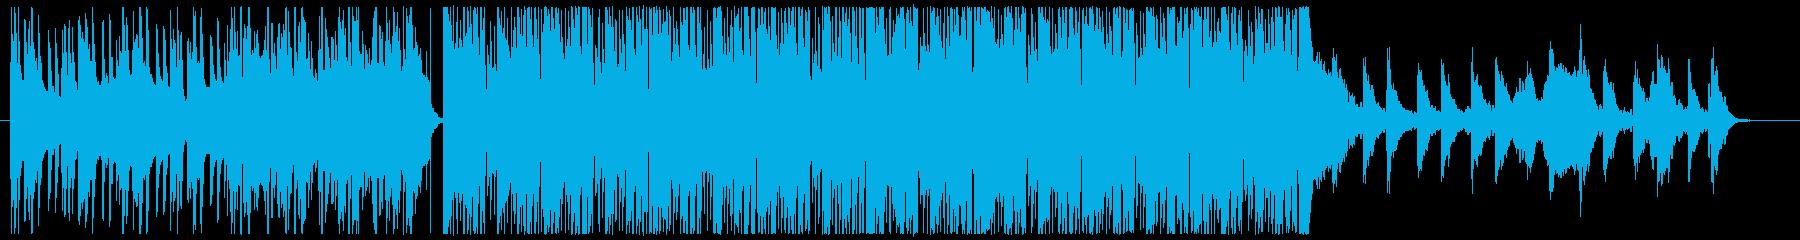 少し感動的なファンクの再生済みの波形